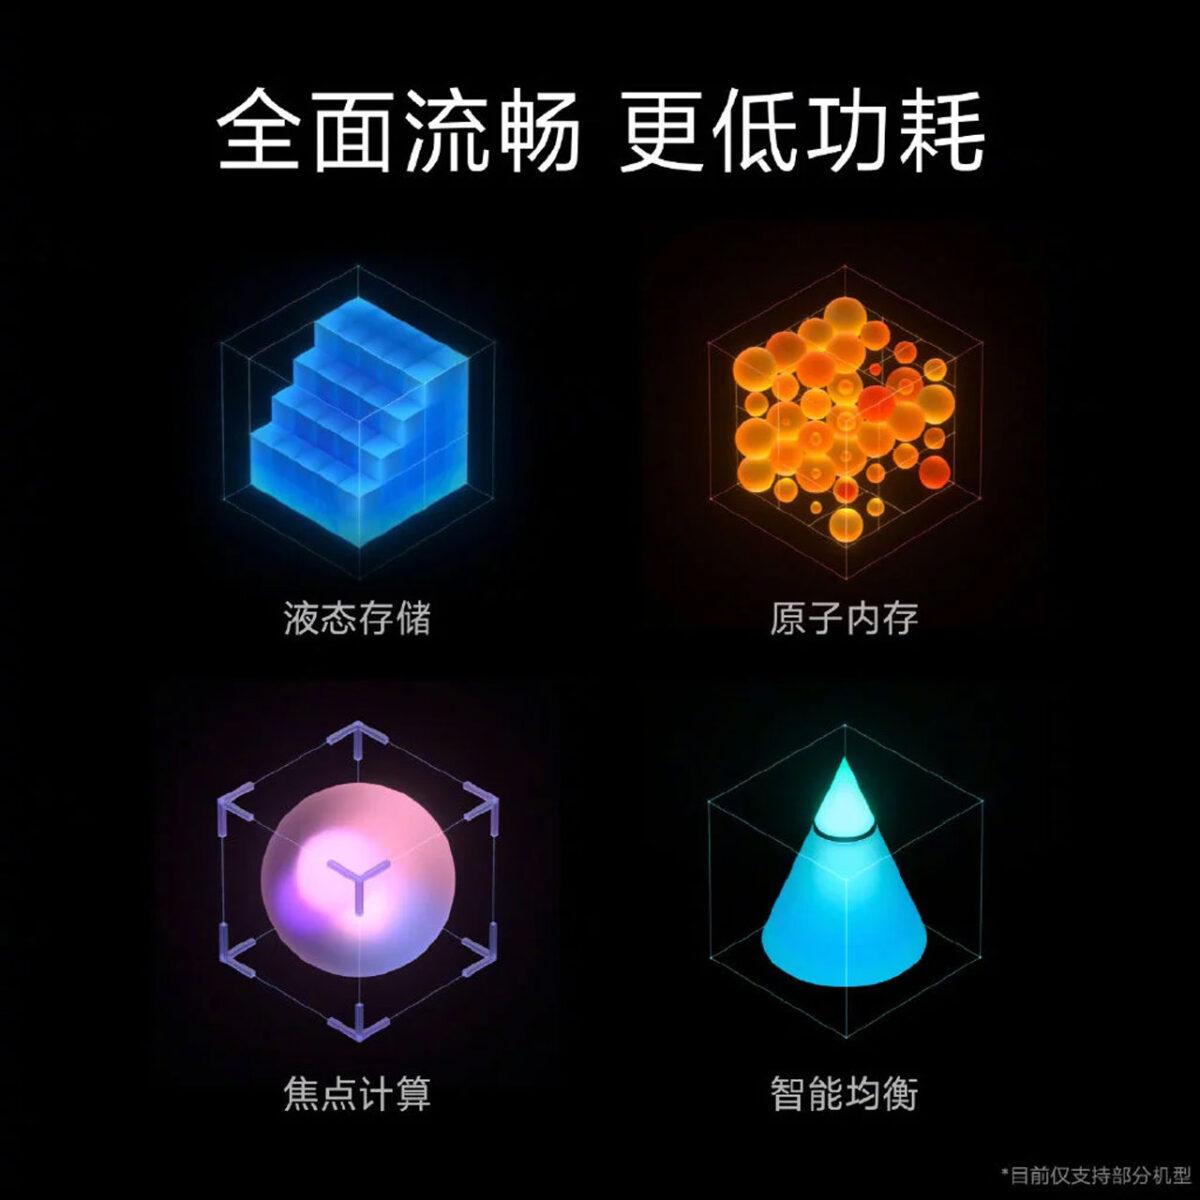 xiaomi miui 12.5 enhanced edition